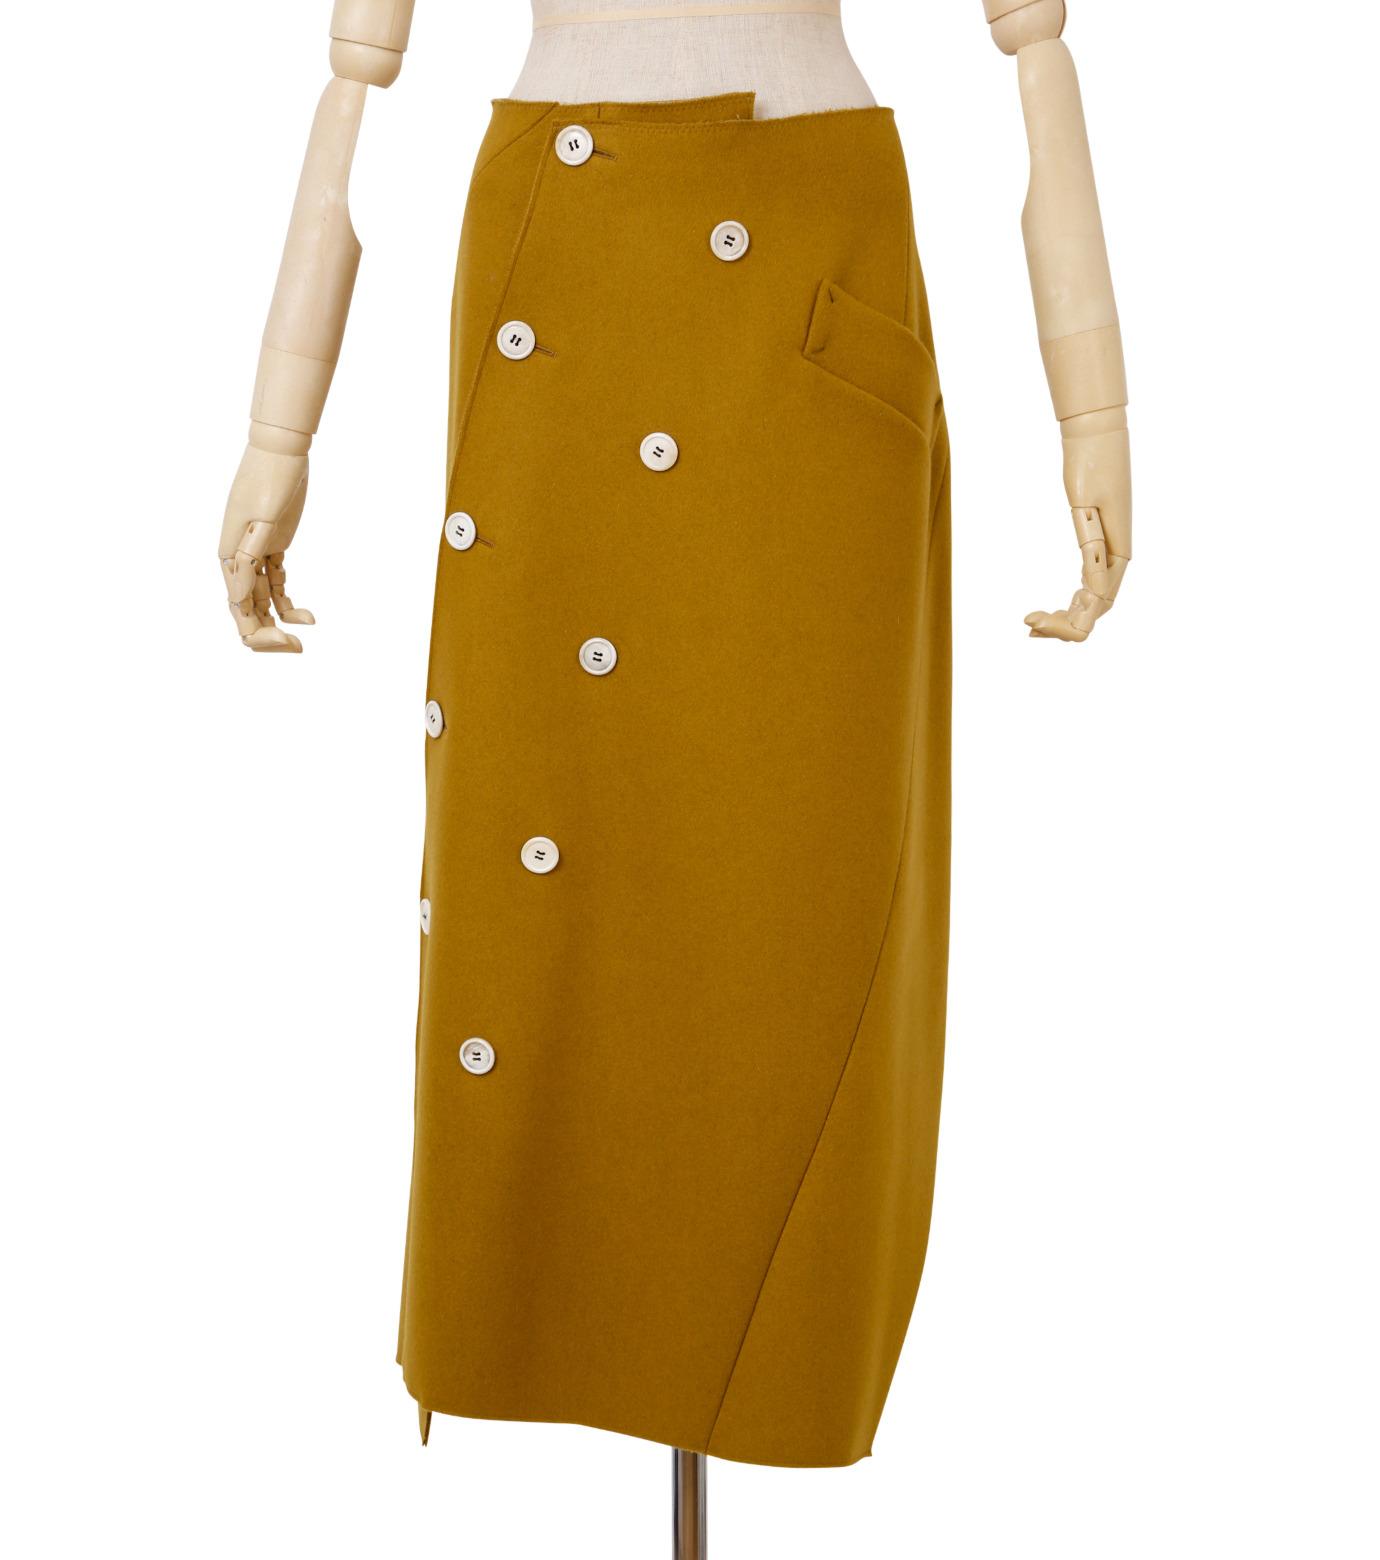 IRENE(アイレネ)のツイストボックスラップスカート-MUSTARD(スカート/skirt)-18A87002 拡大詳細画像1